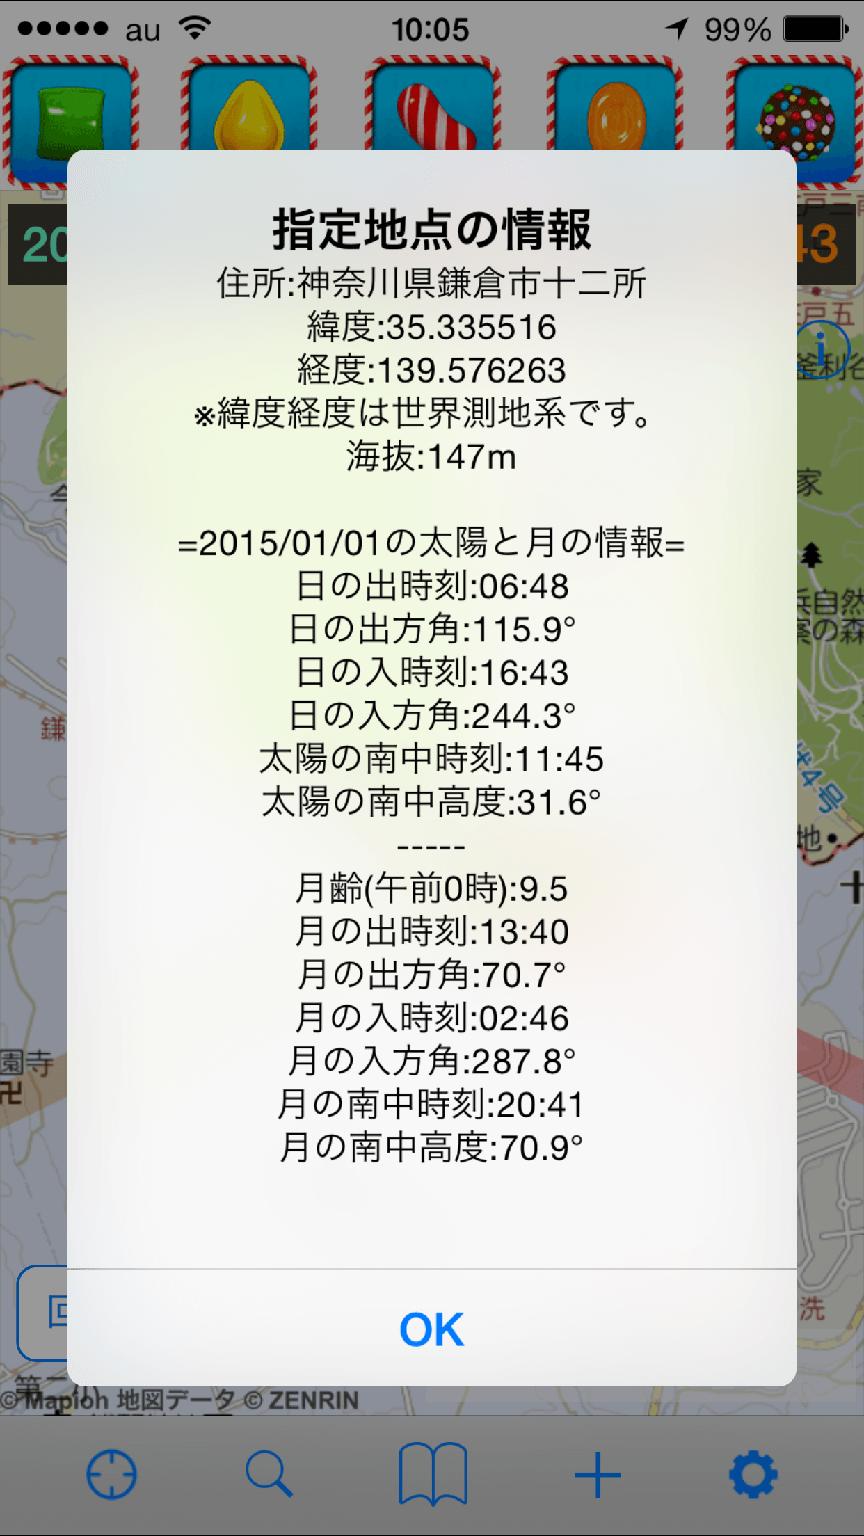 [指定地点の情報]画面